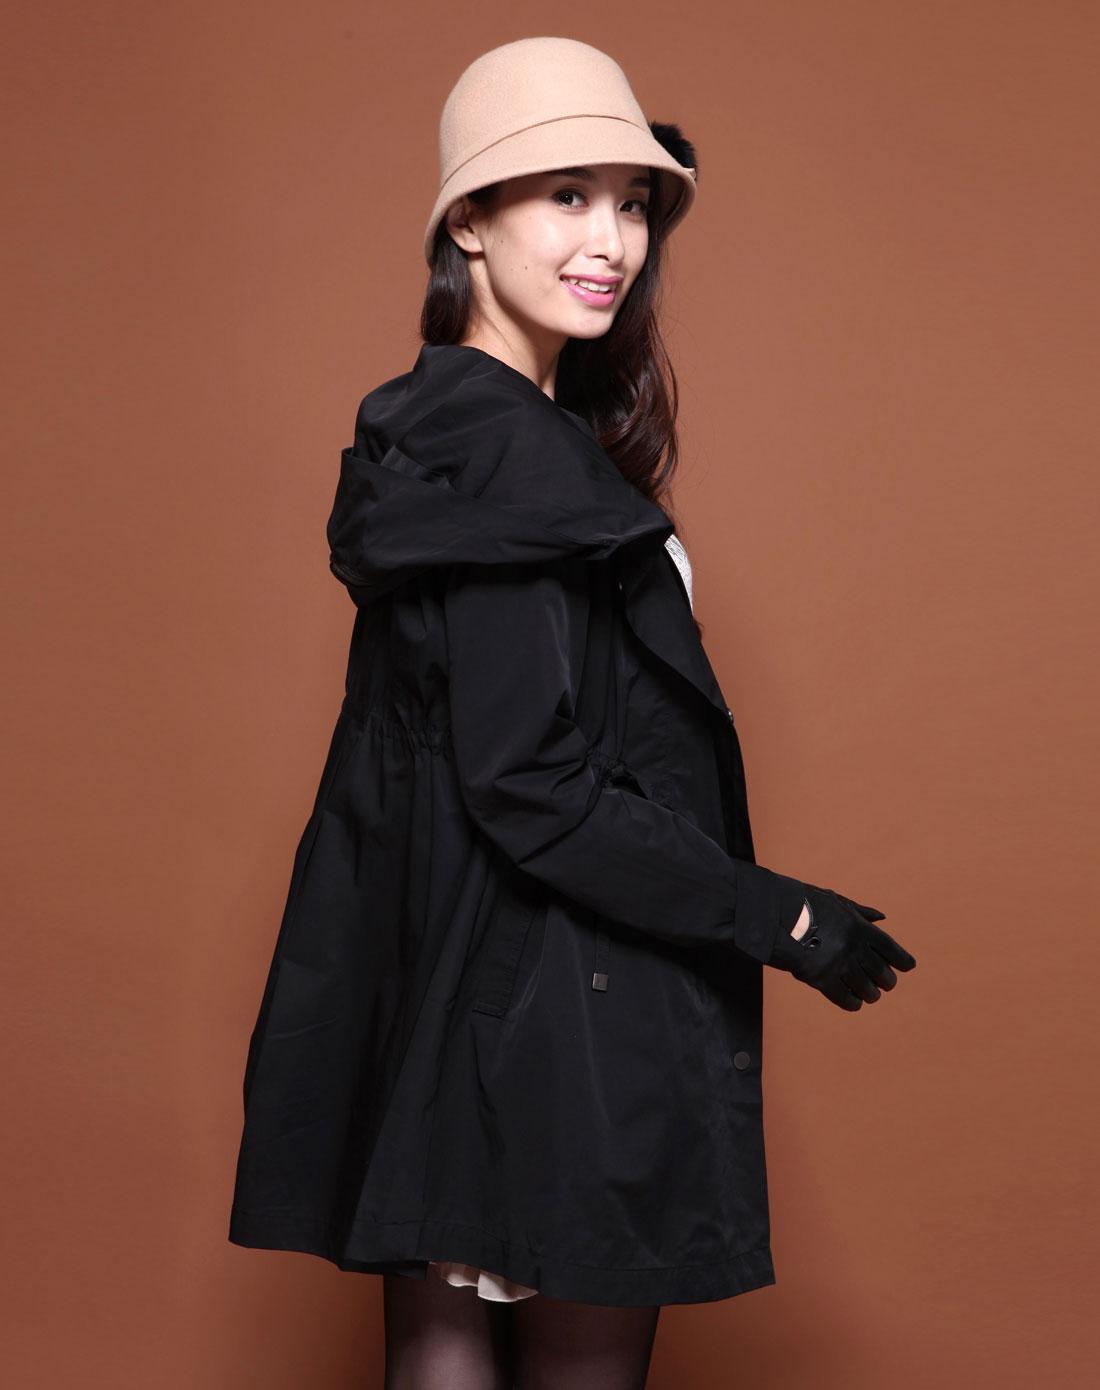 浪漫一身2014风衣_浪漫一身女装专场-黑色连帽抽绳长袖长款风衣